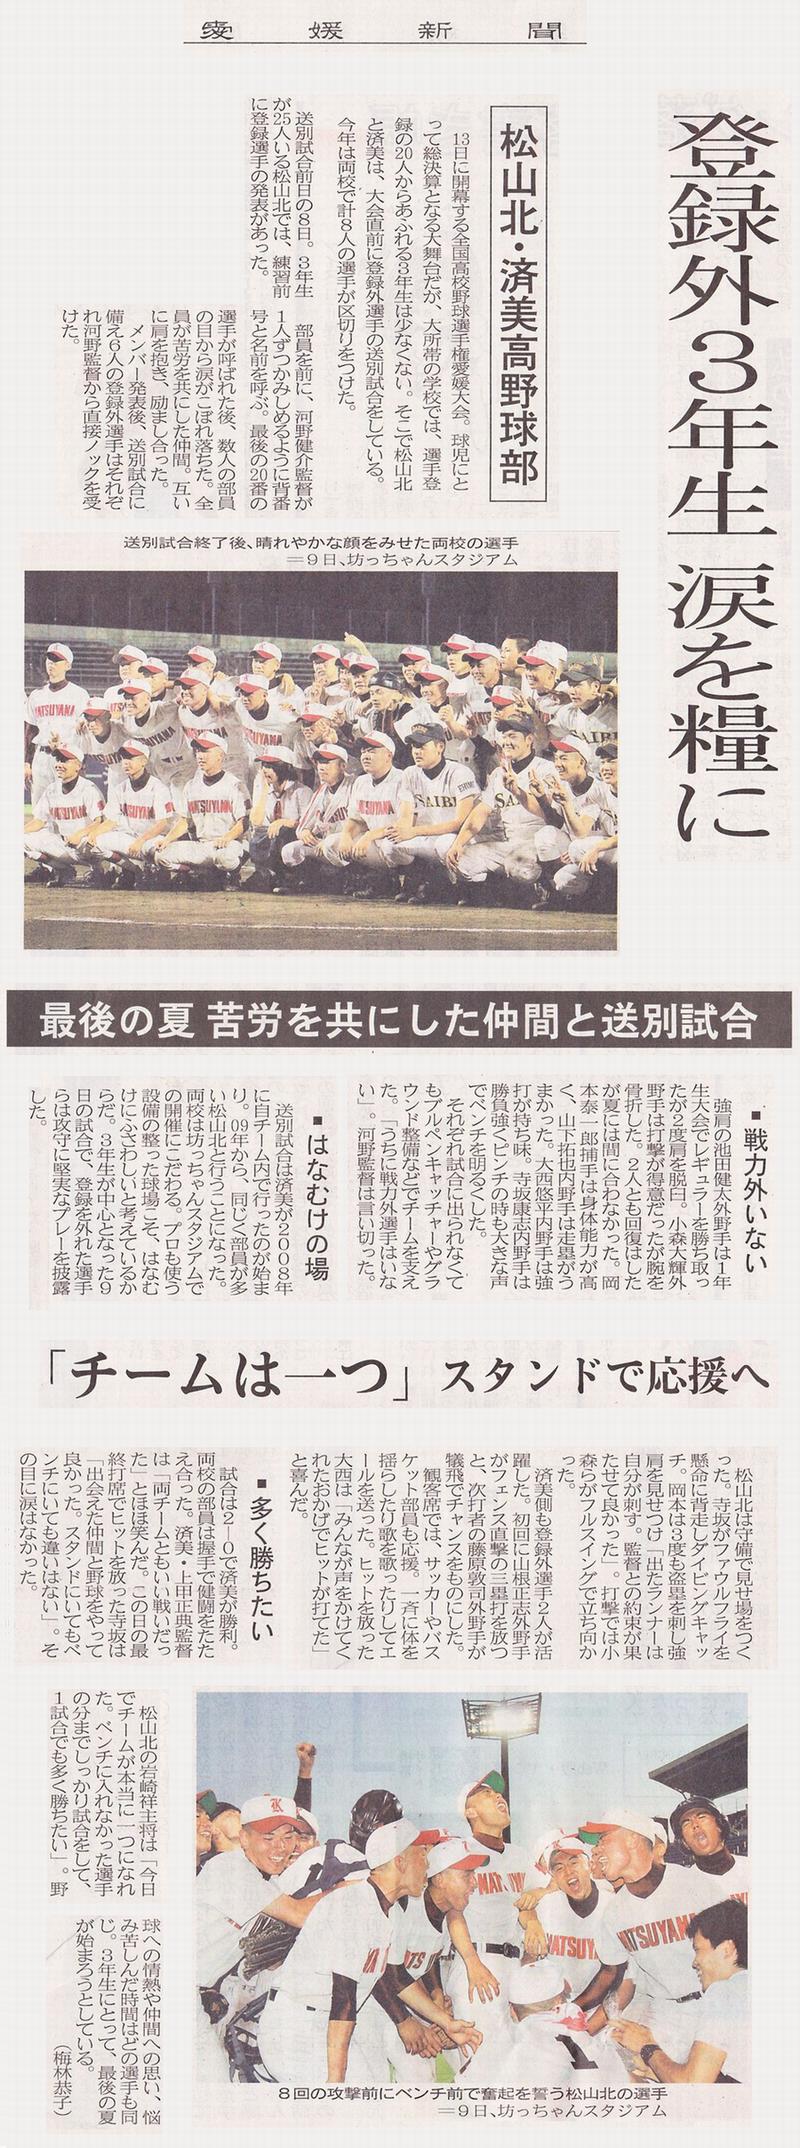 松山北・済美高野球部の送別試合